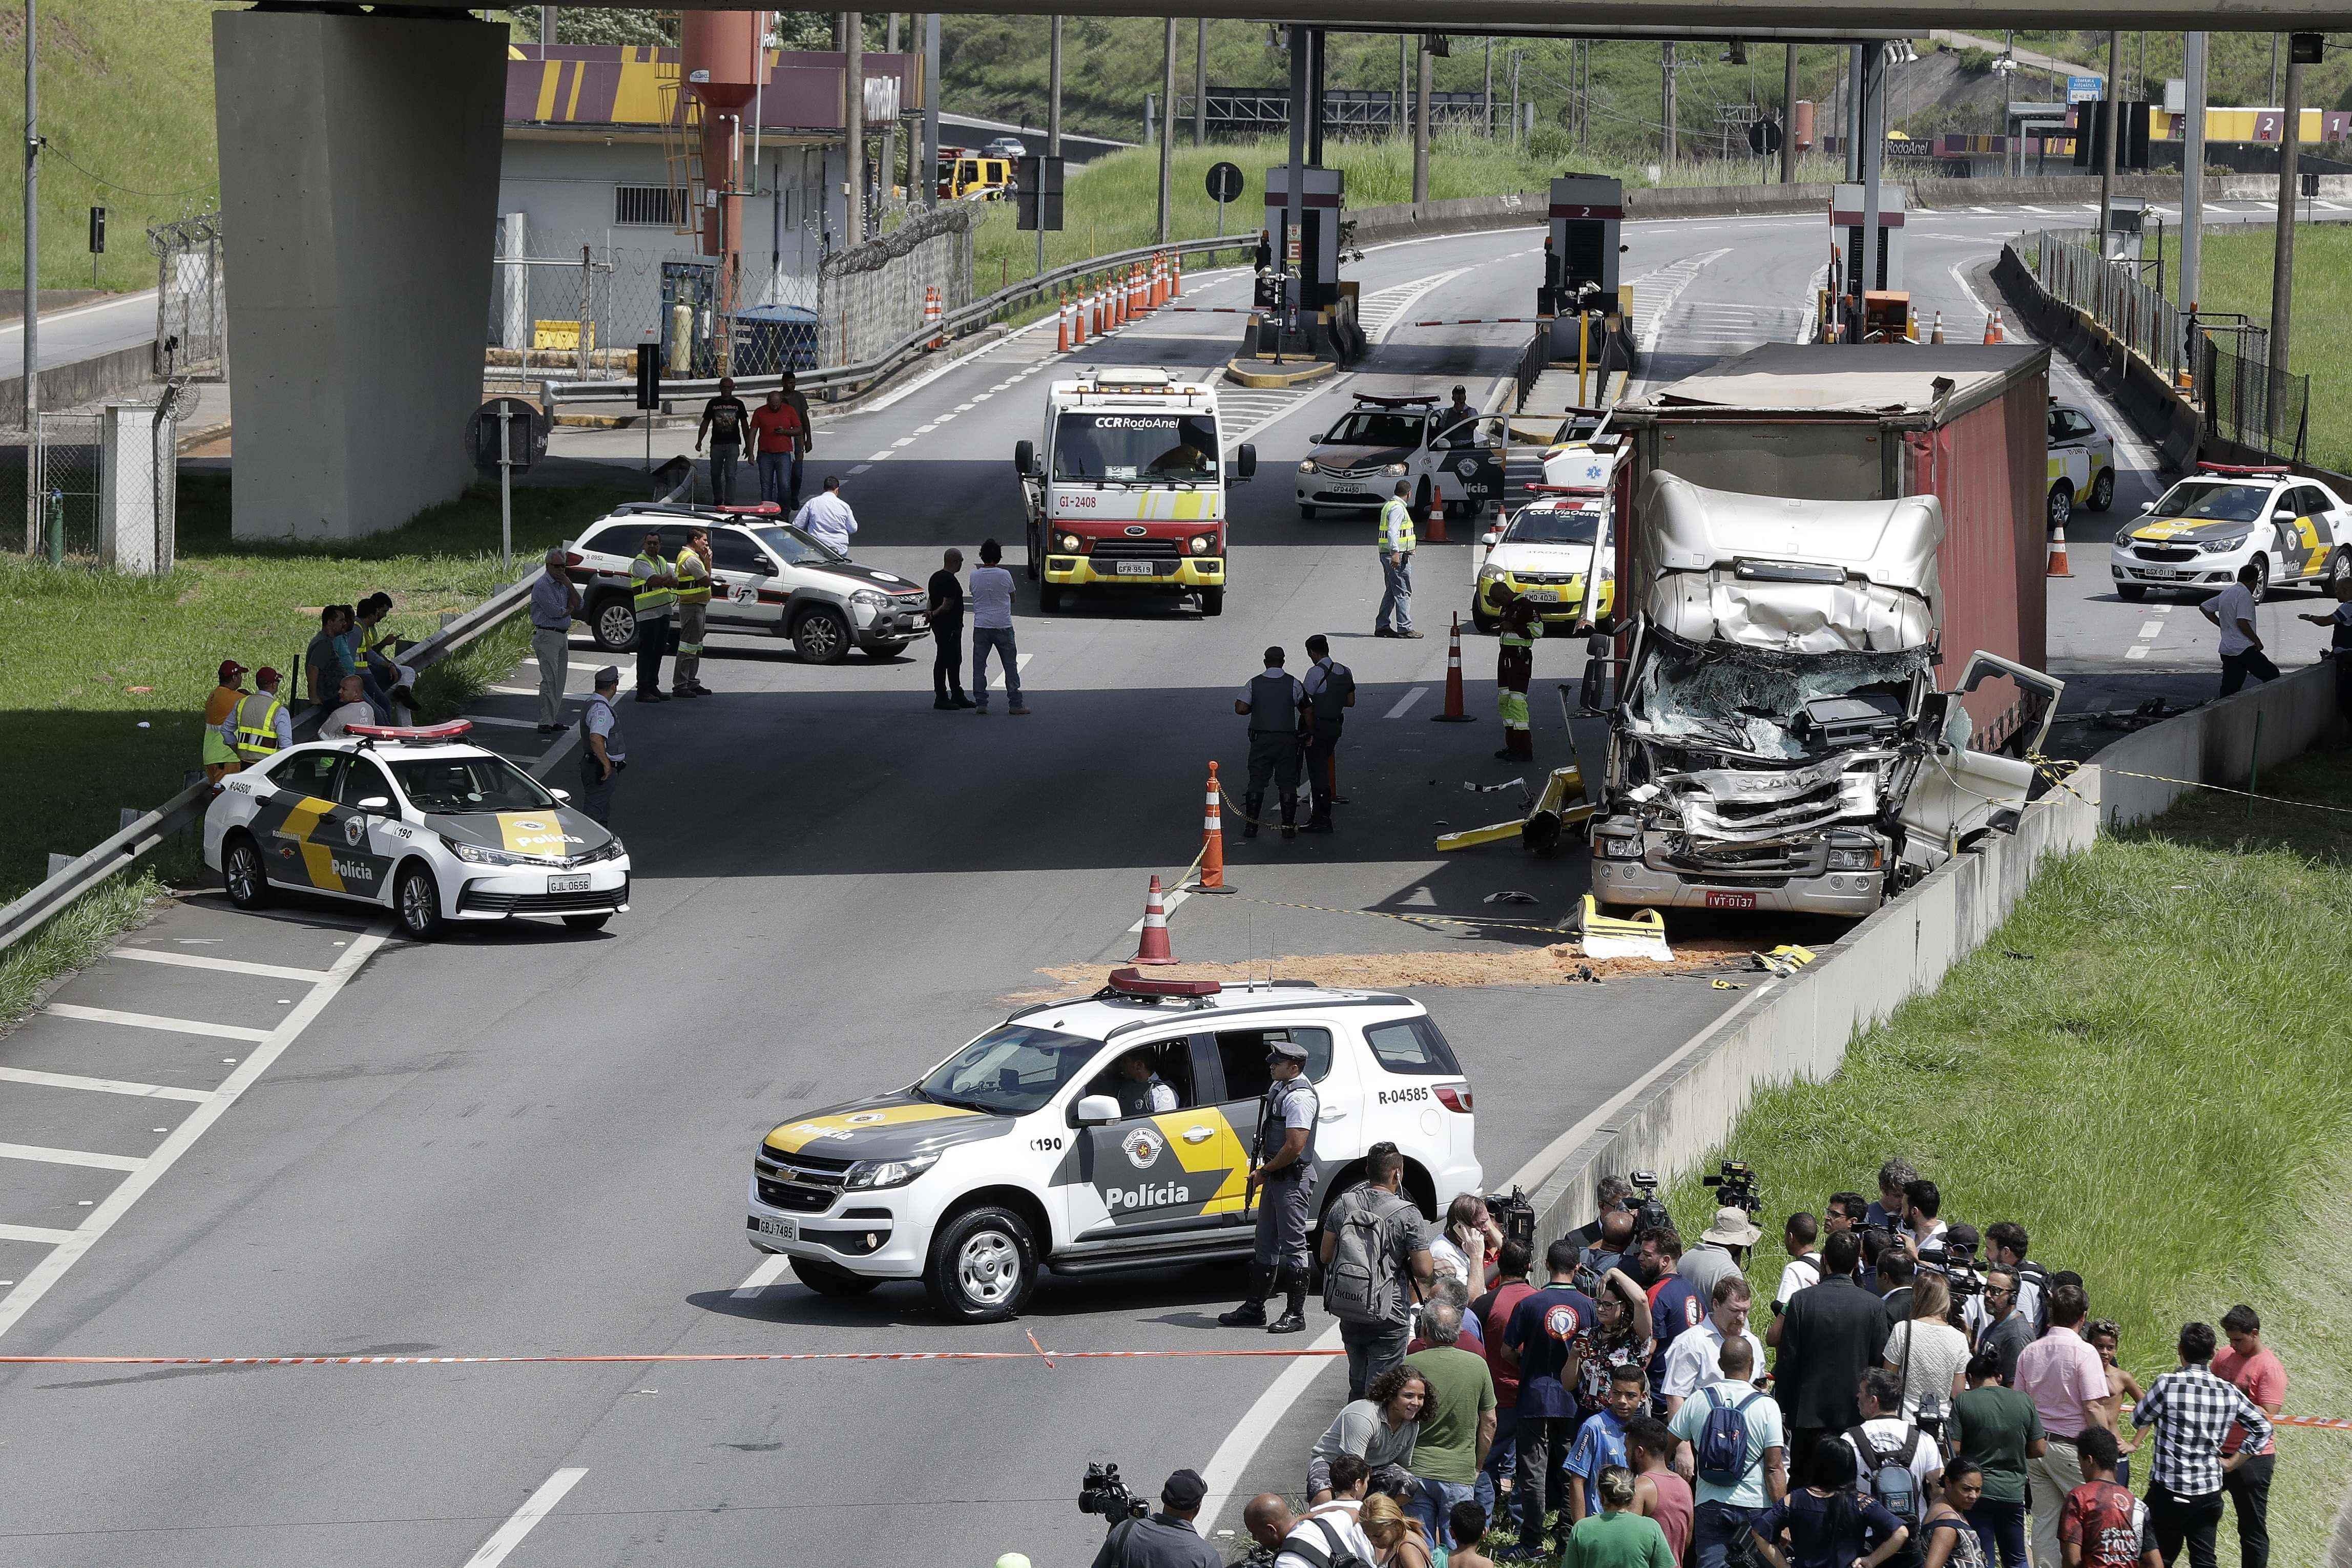 Un reconocido periodista brasilero muere en un accidente en helicóptero